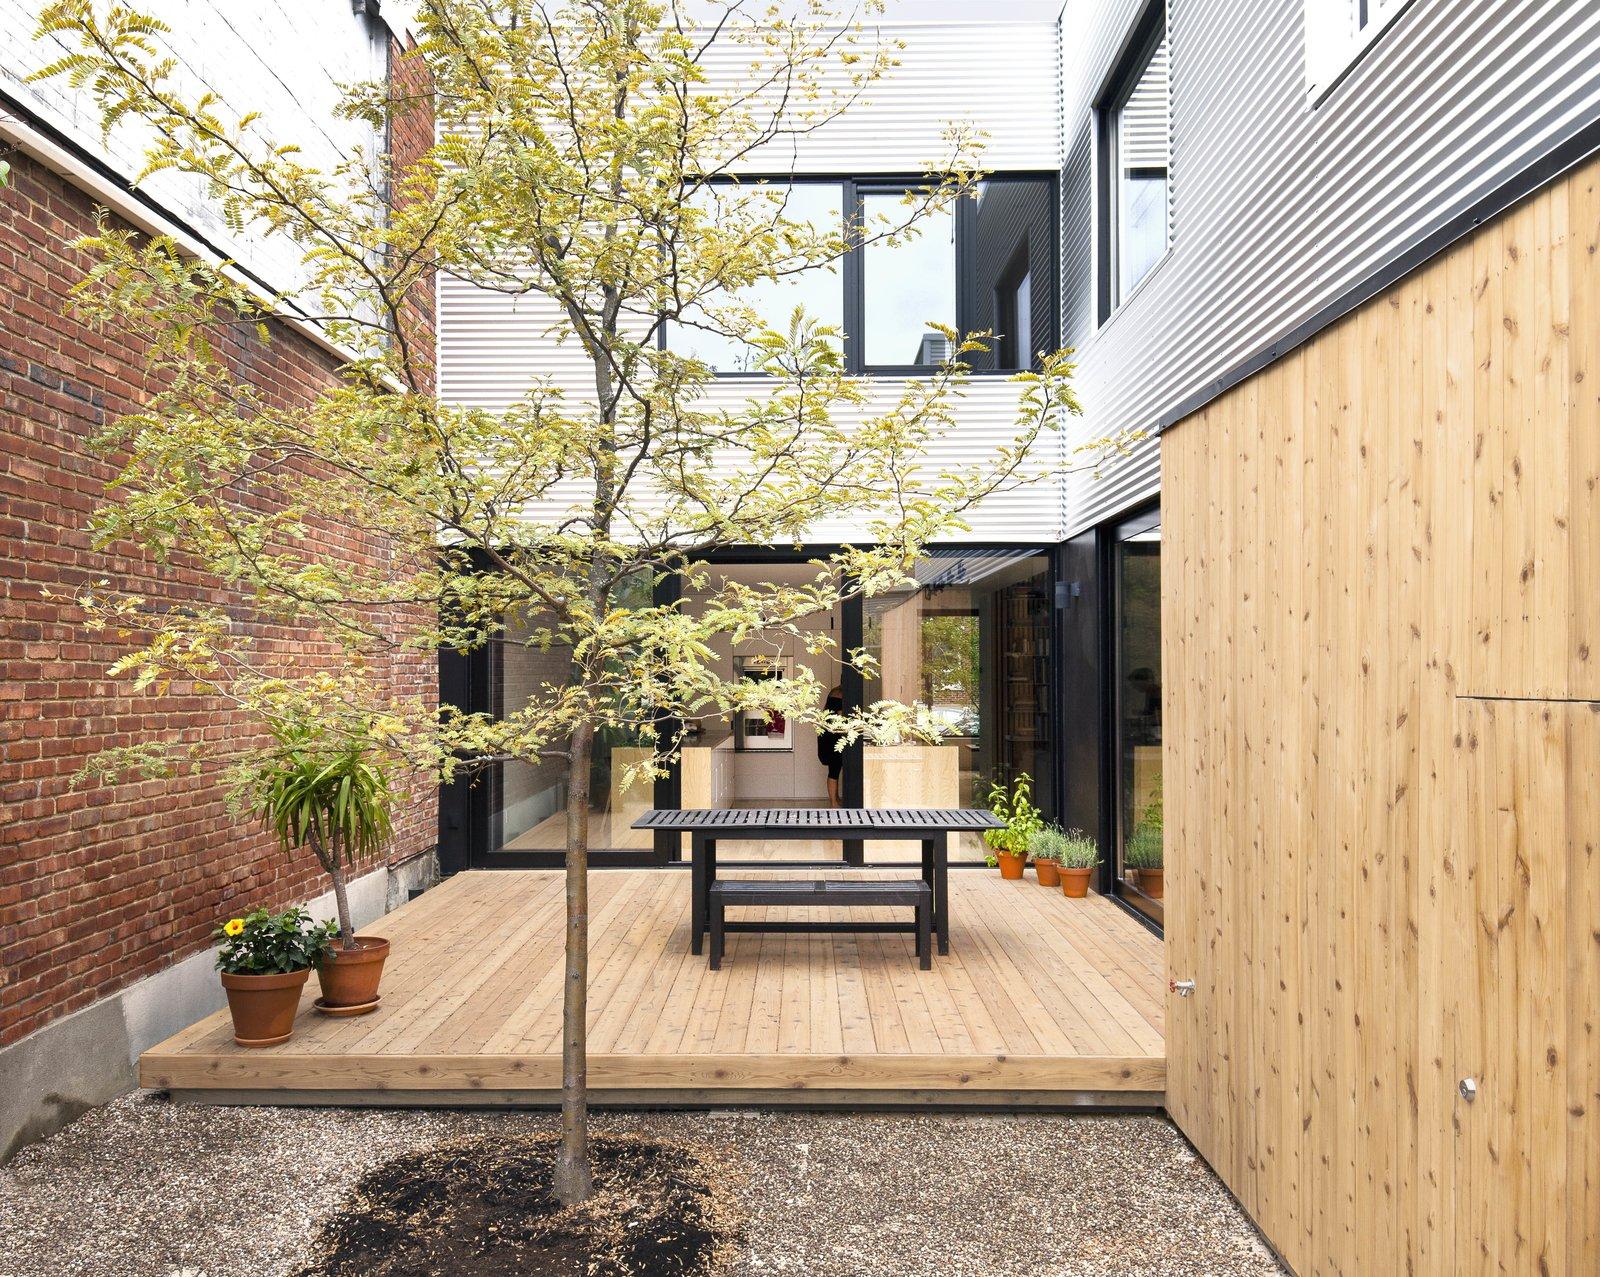 On the terrace, an eastern-cedar deck serves as a mid-city oasis.